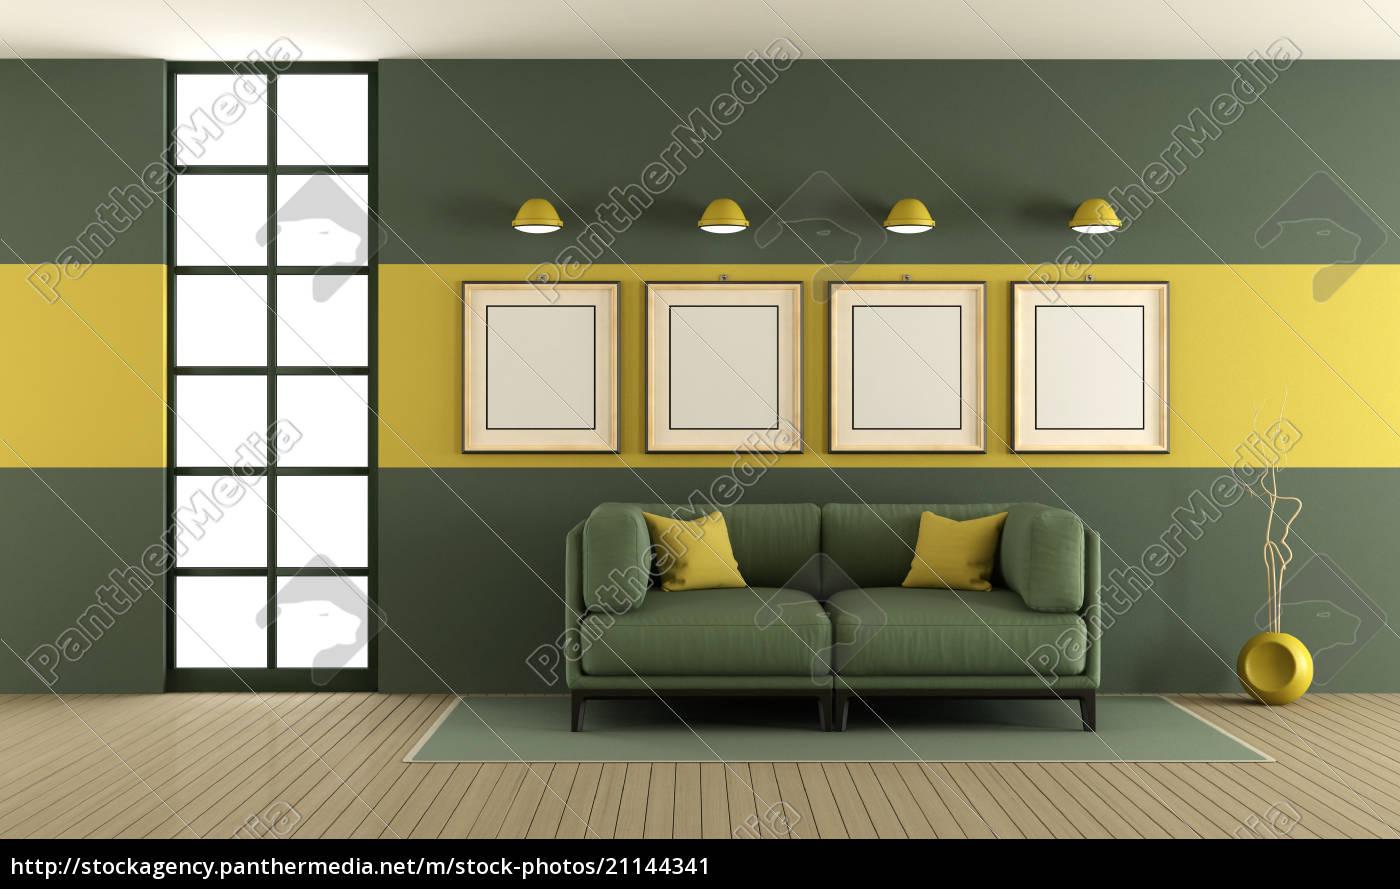 Lizenzfreies Bild 15 - grünes und gelbes wohnzimmer